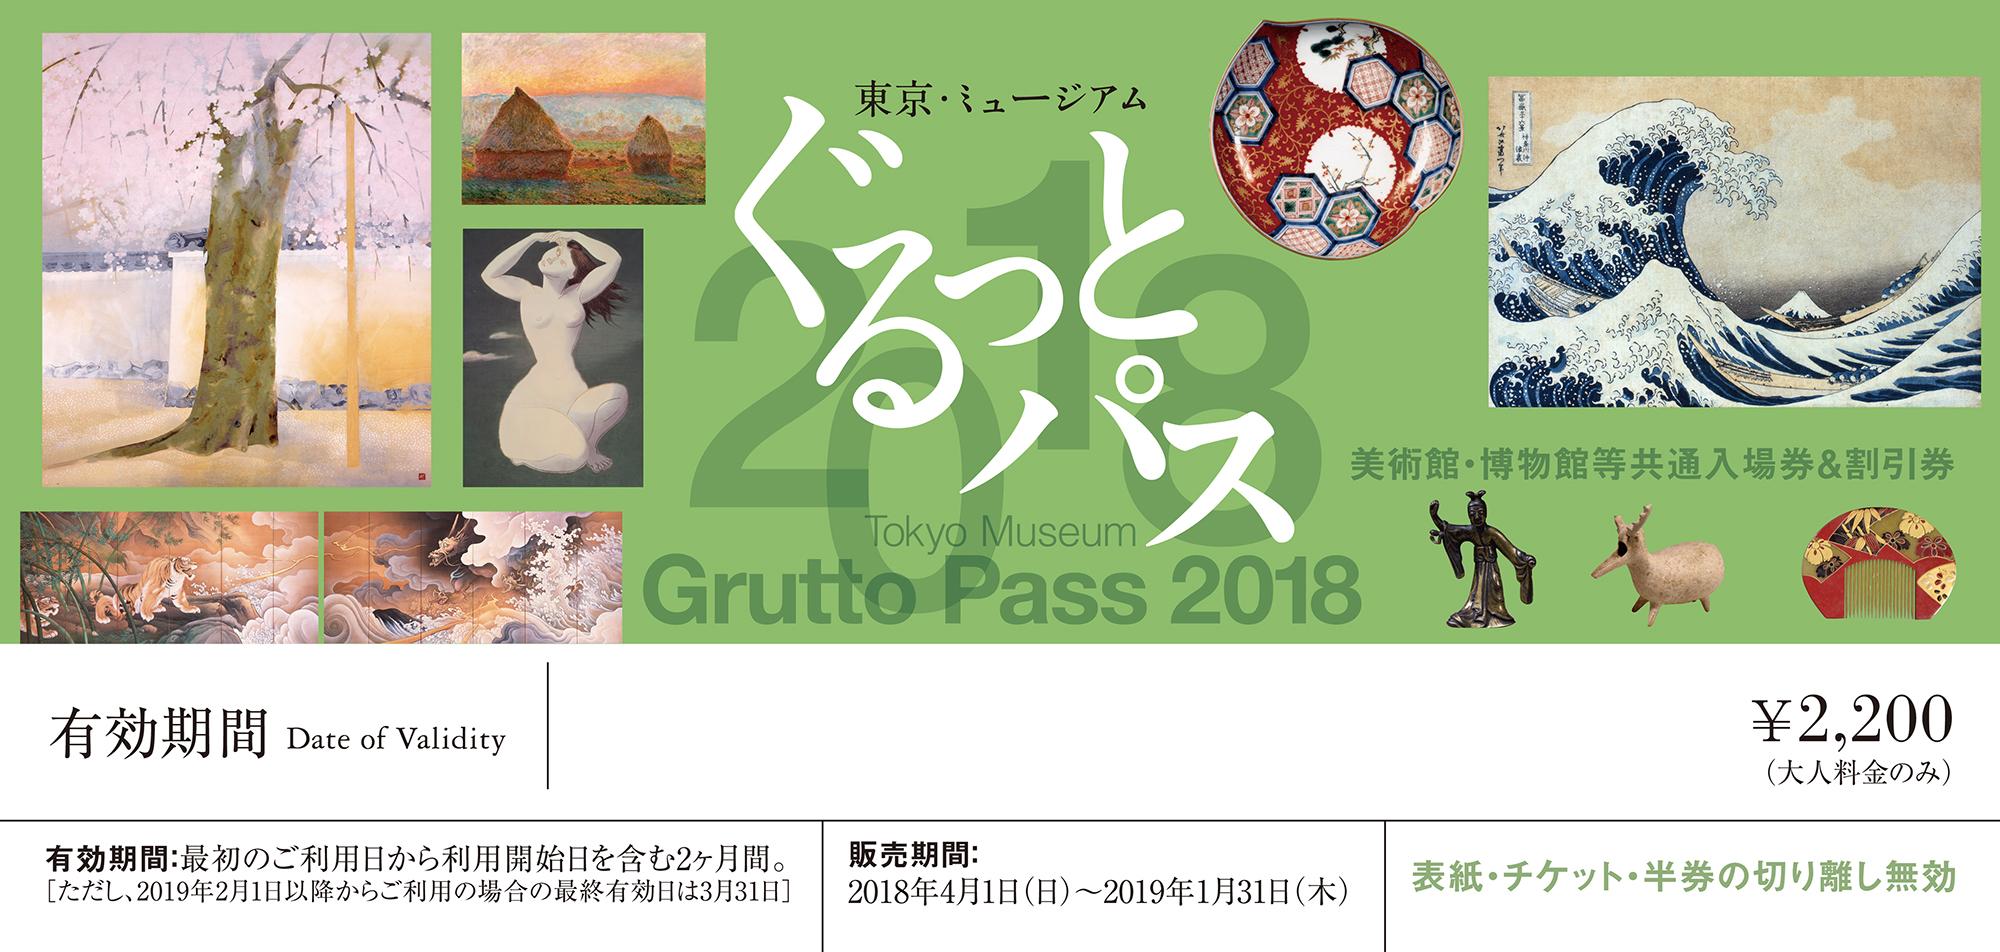 Grutto2018.jpg